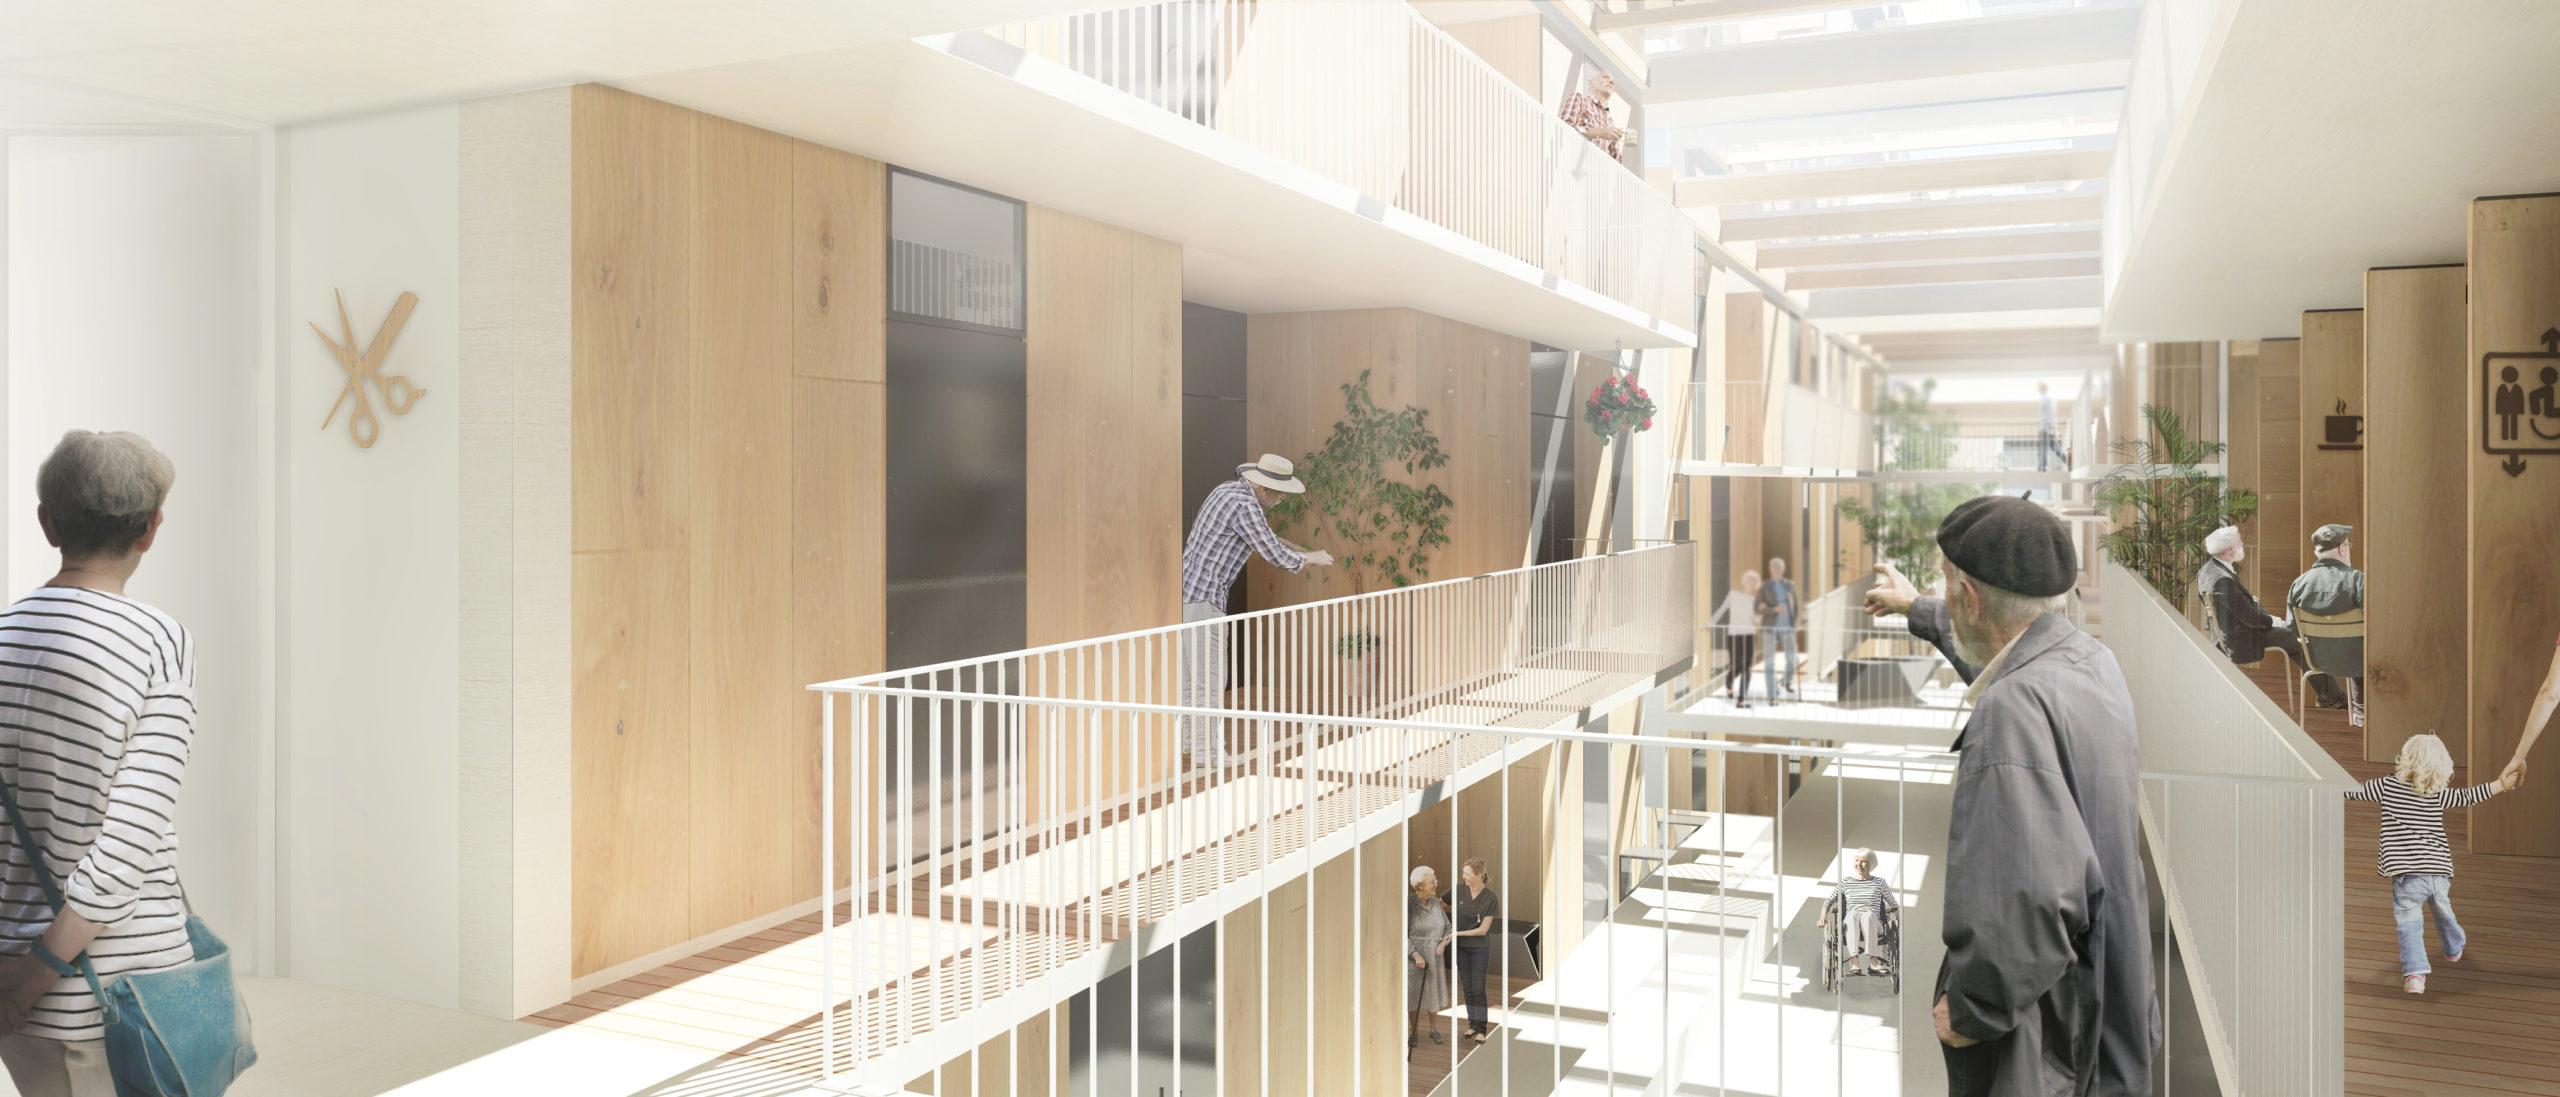 Image de synthèse des parties communes et de circulation de la résidence d'accueil. Les logements sont desservis par des coursives autour d'un puit de lumière central. Les matériaux sont le béton et bois.